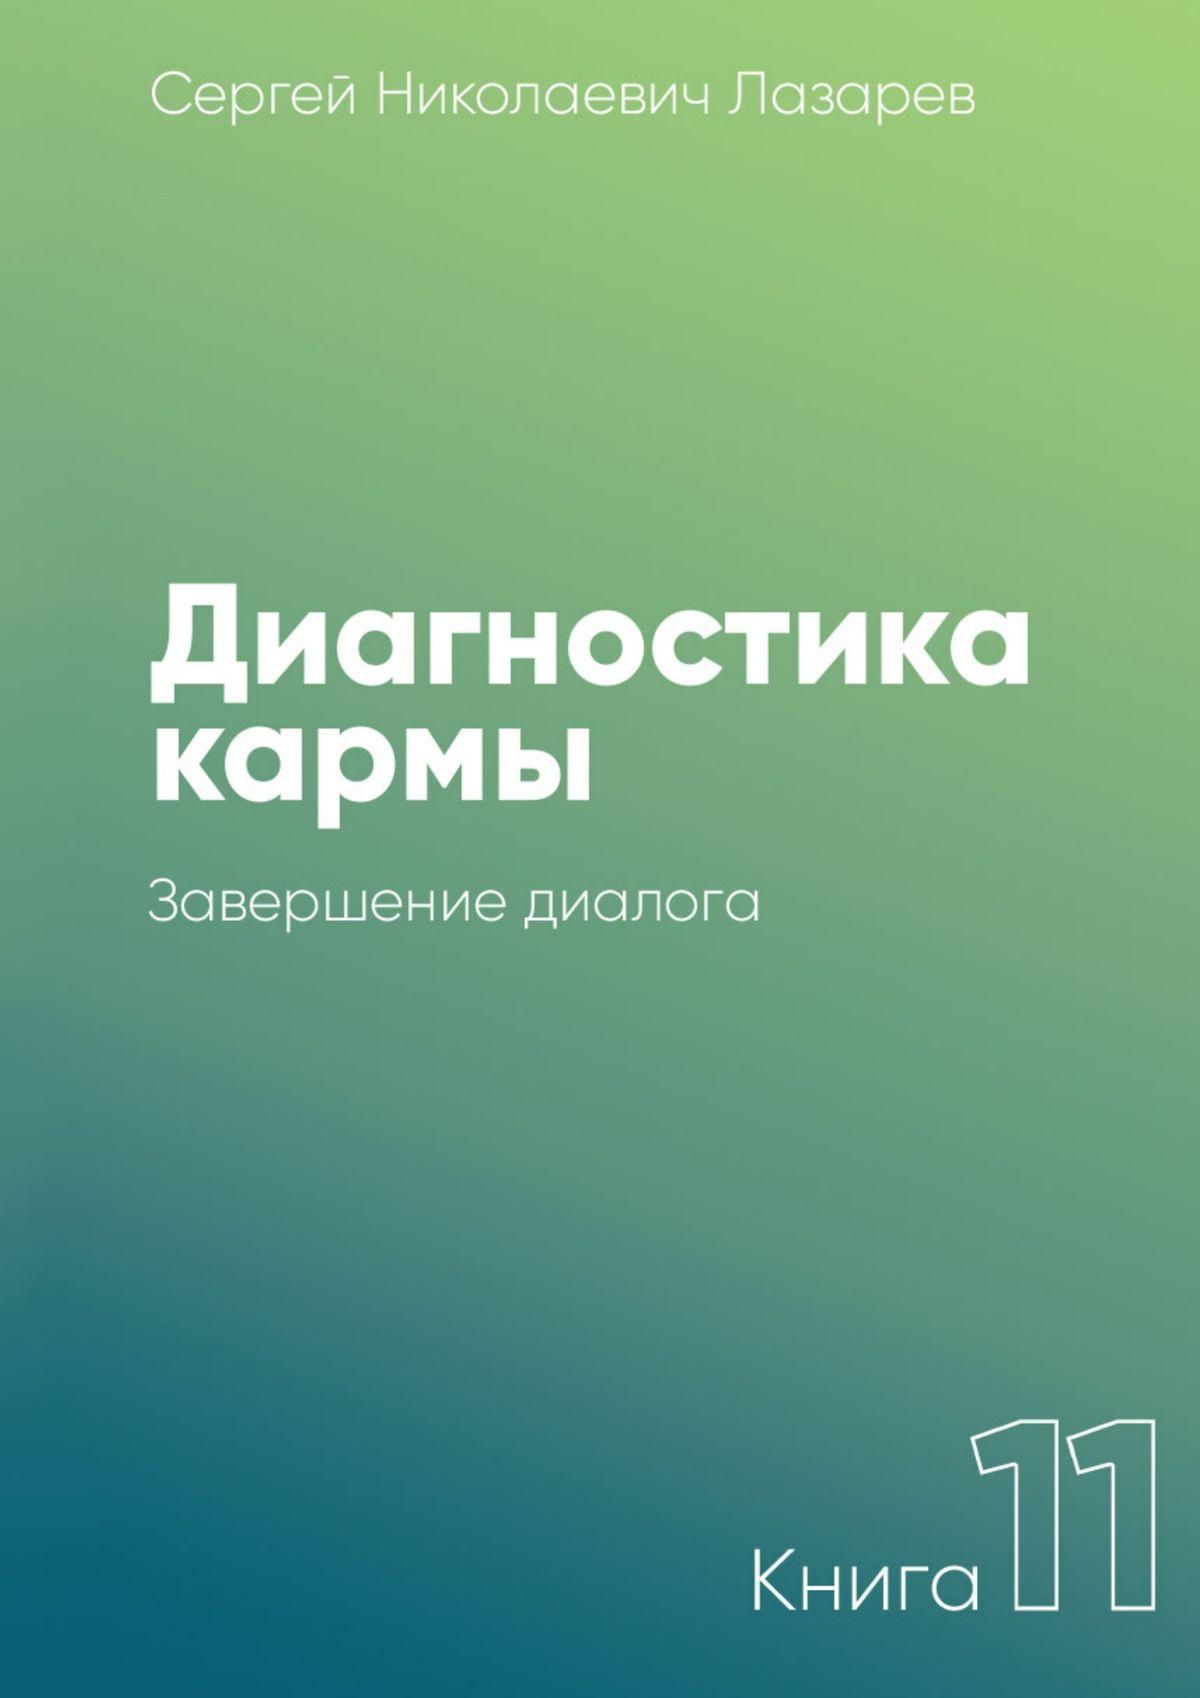 Сергей Николаевич Лазарев Диагностика кармы. Книга 11. Завершение диалога санхи суу ты прекрасен